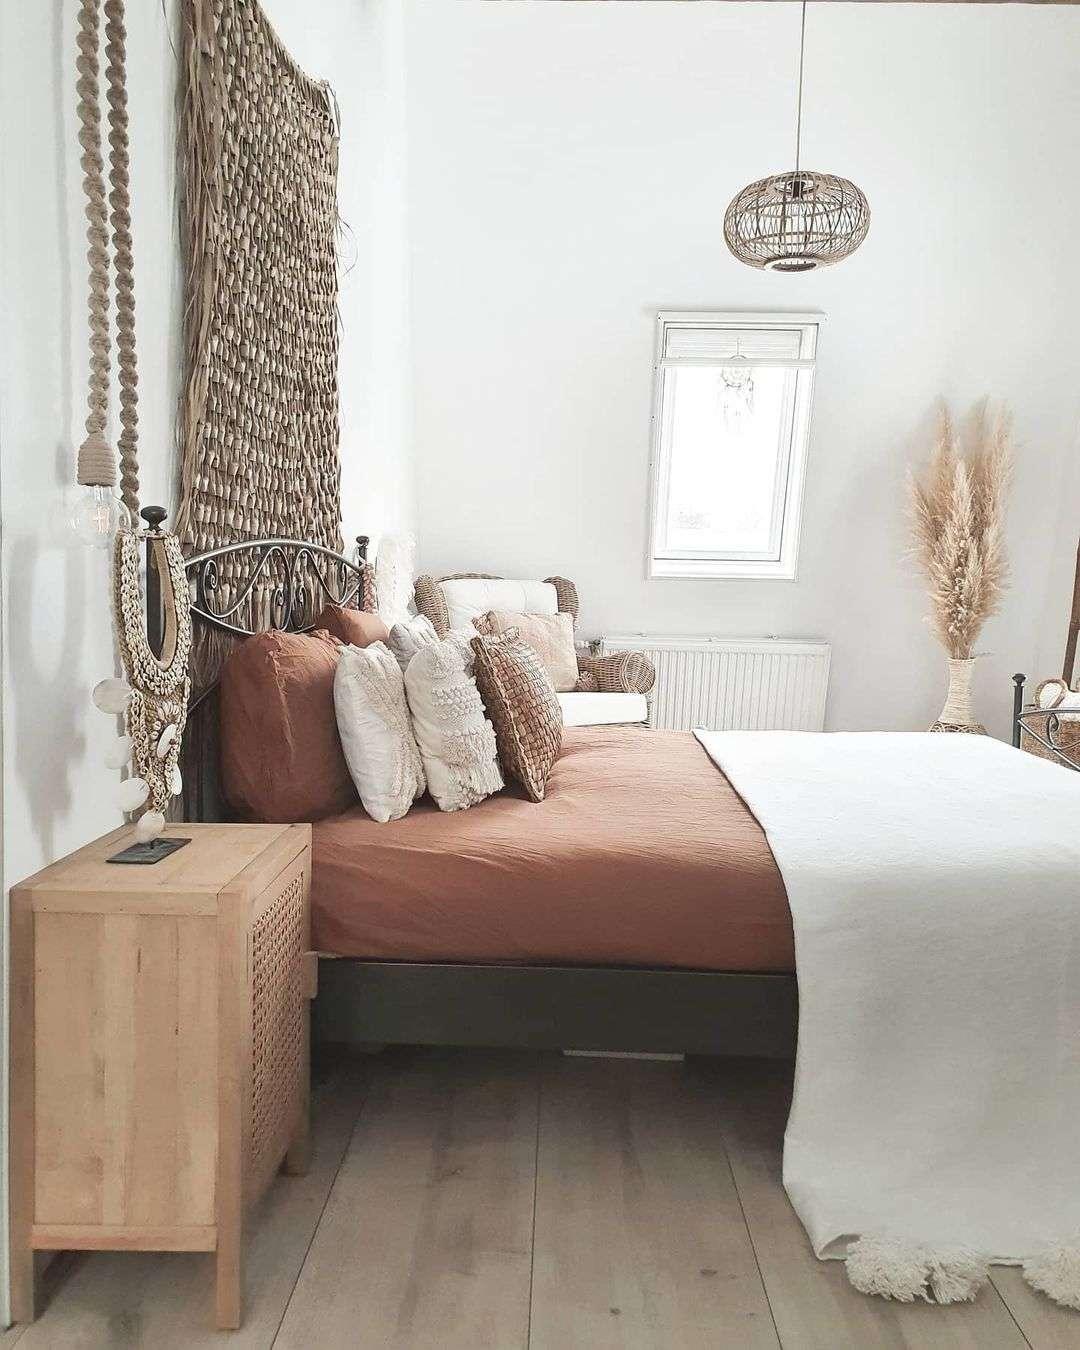 ibiza interieur, natuurlijke materialen, ibiza stijl, wonen in de regio